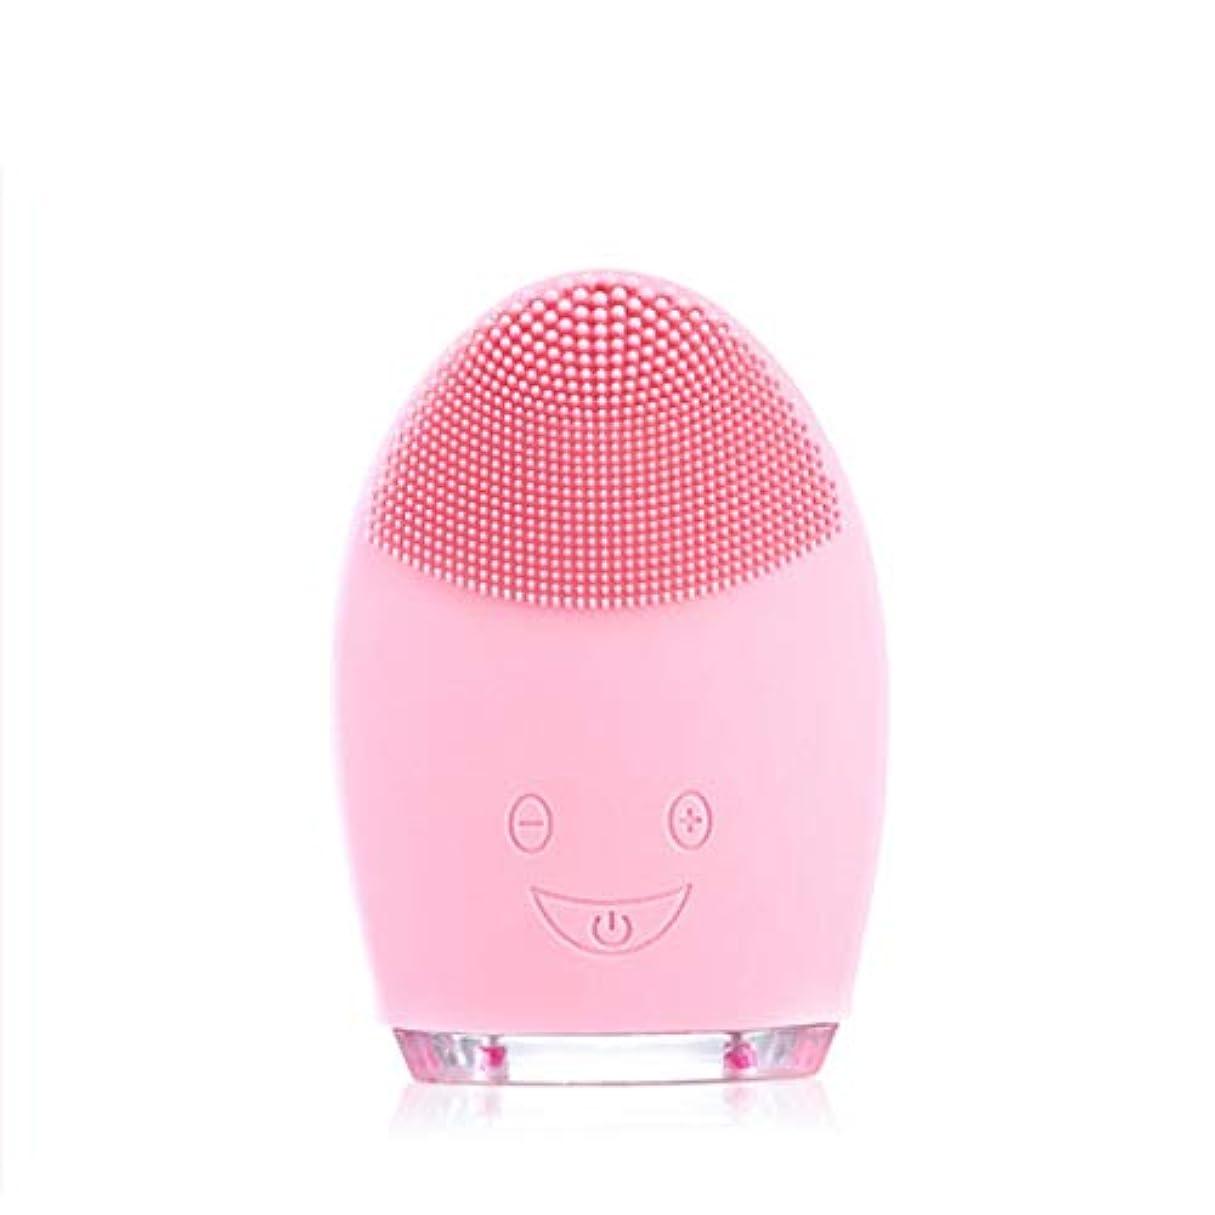 苦行手書き発症ソニッククレンジングブラシマッサージャー、防水シリコーンクレンザーディープクレンジングスキンケア電気クレンザー、充電式電動シリコーン剥離クレンジングブラシ (Color : Pink)